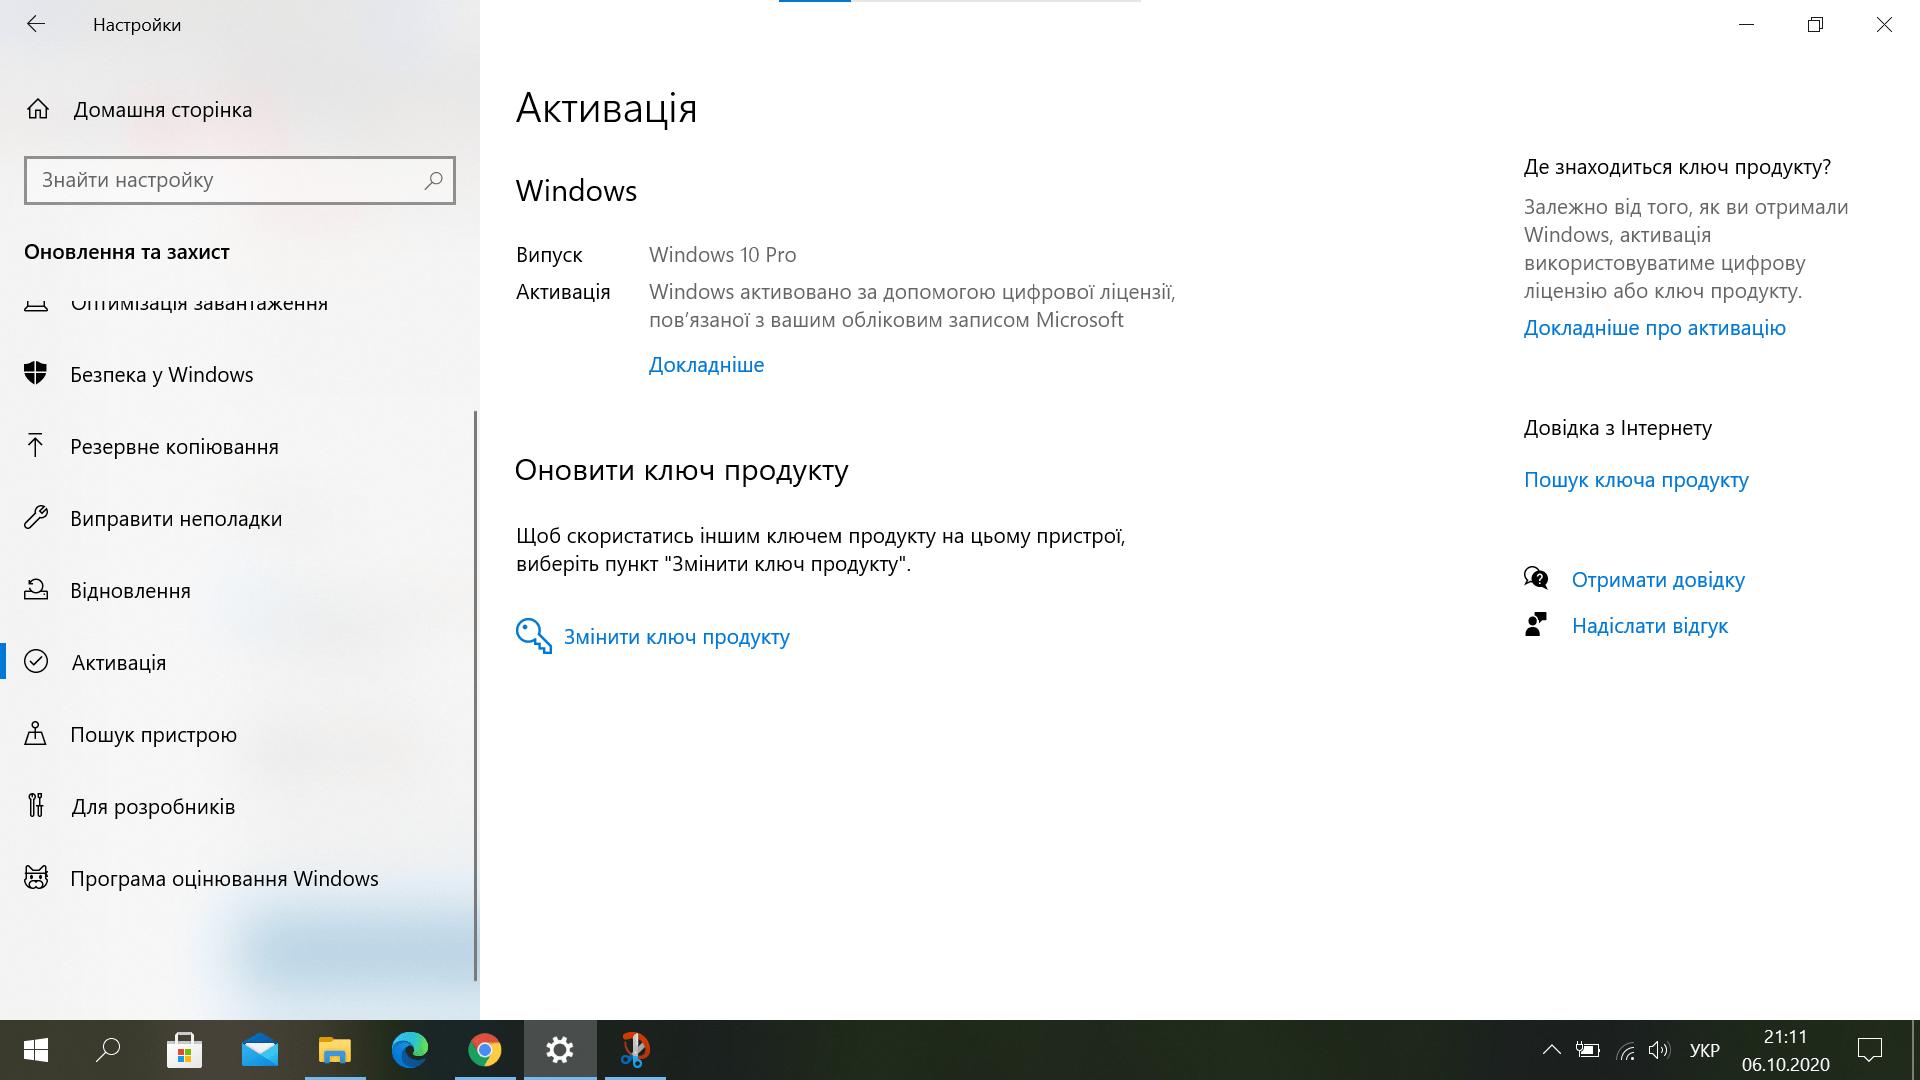 Устранение любых ошибок Центра обновления Windows 10, Windows 8.1, Windows 8, Windows Server 2012 R2 или Windows Server 2012